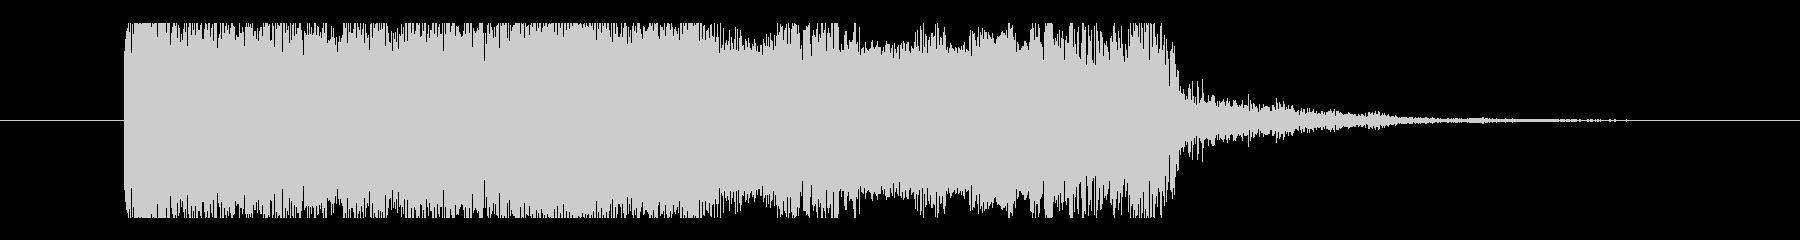 ユニゾンチョーキング2、Eギターサウンドの未再生の波形